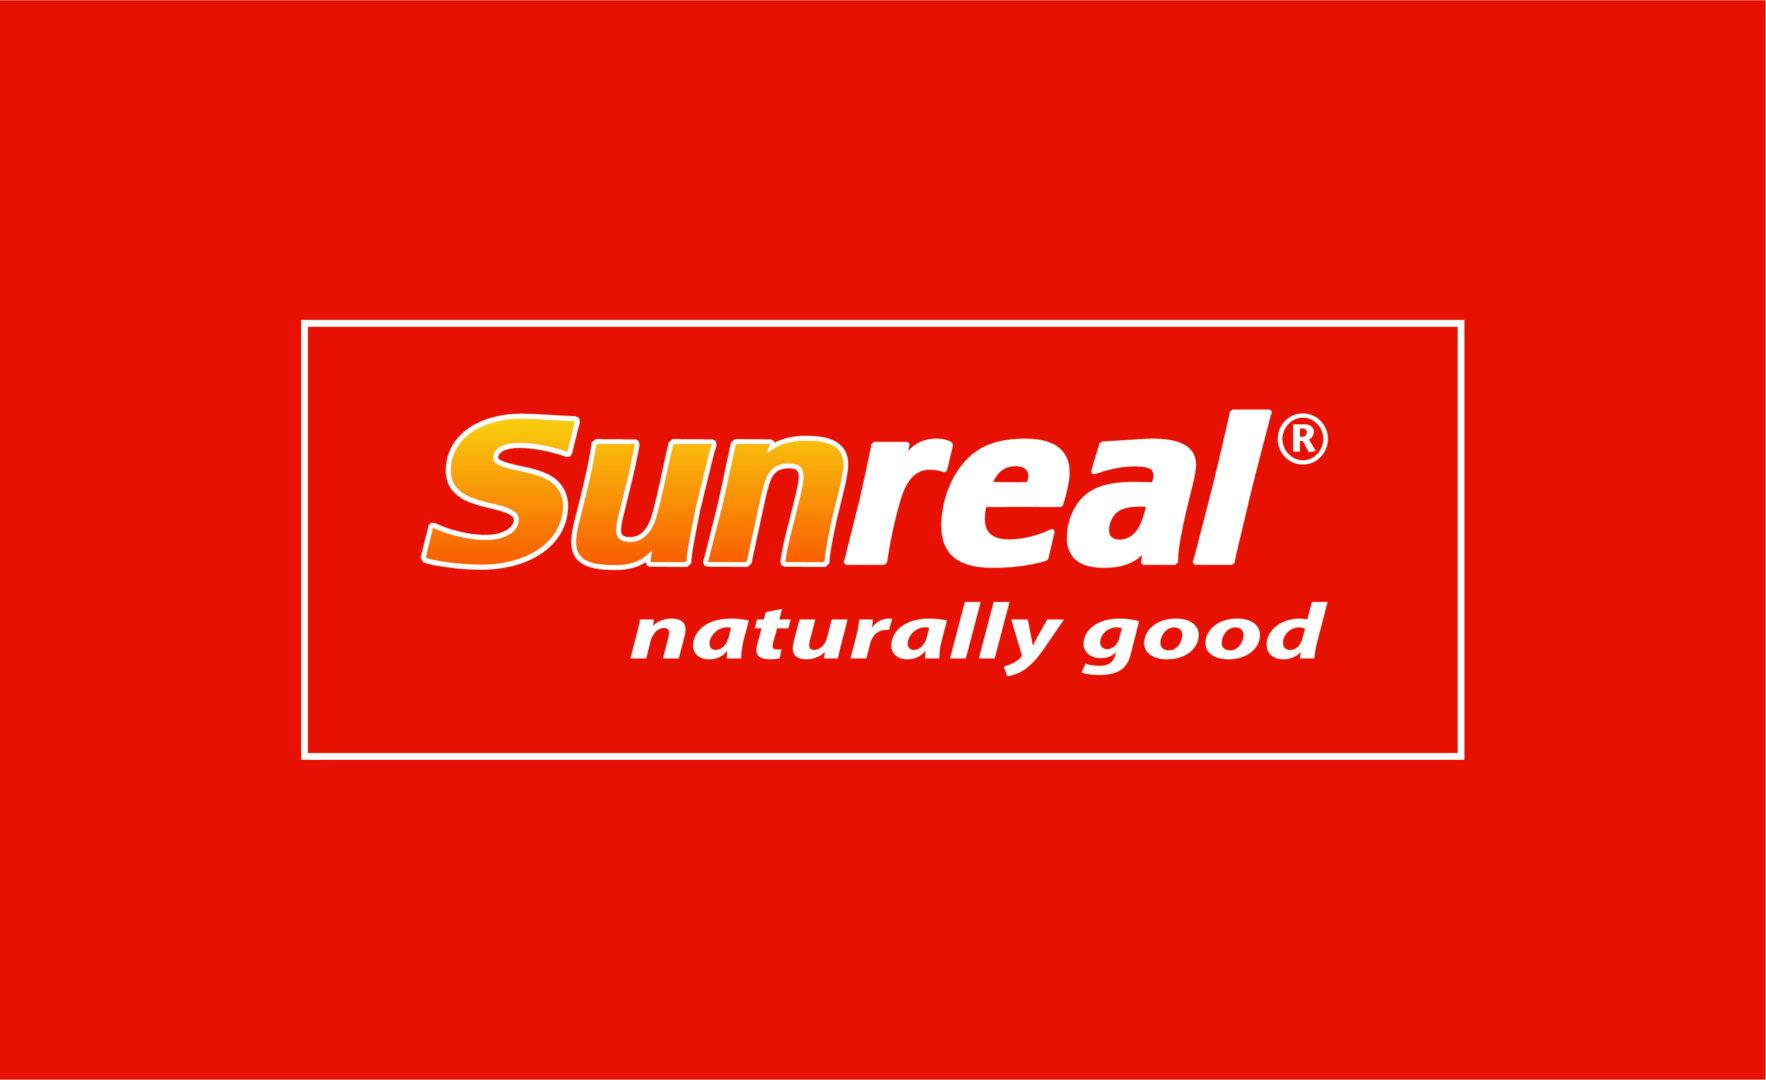 sunreal-logo